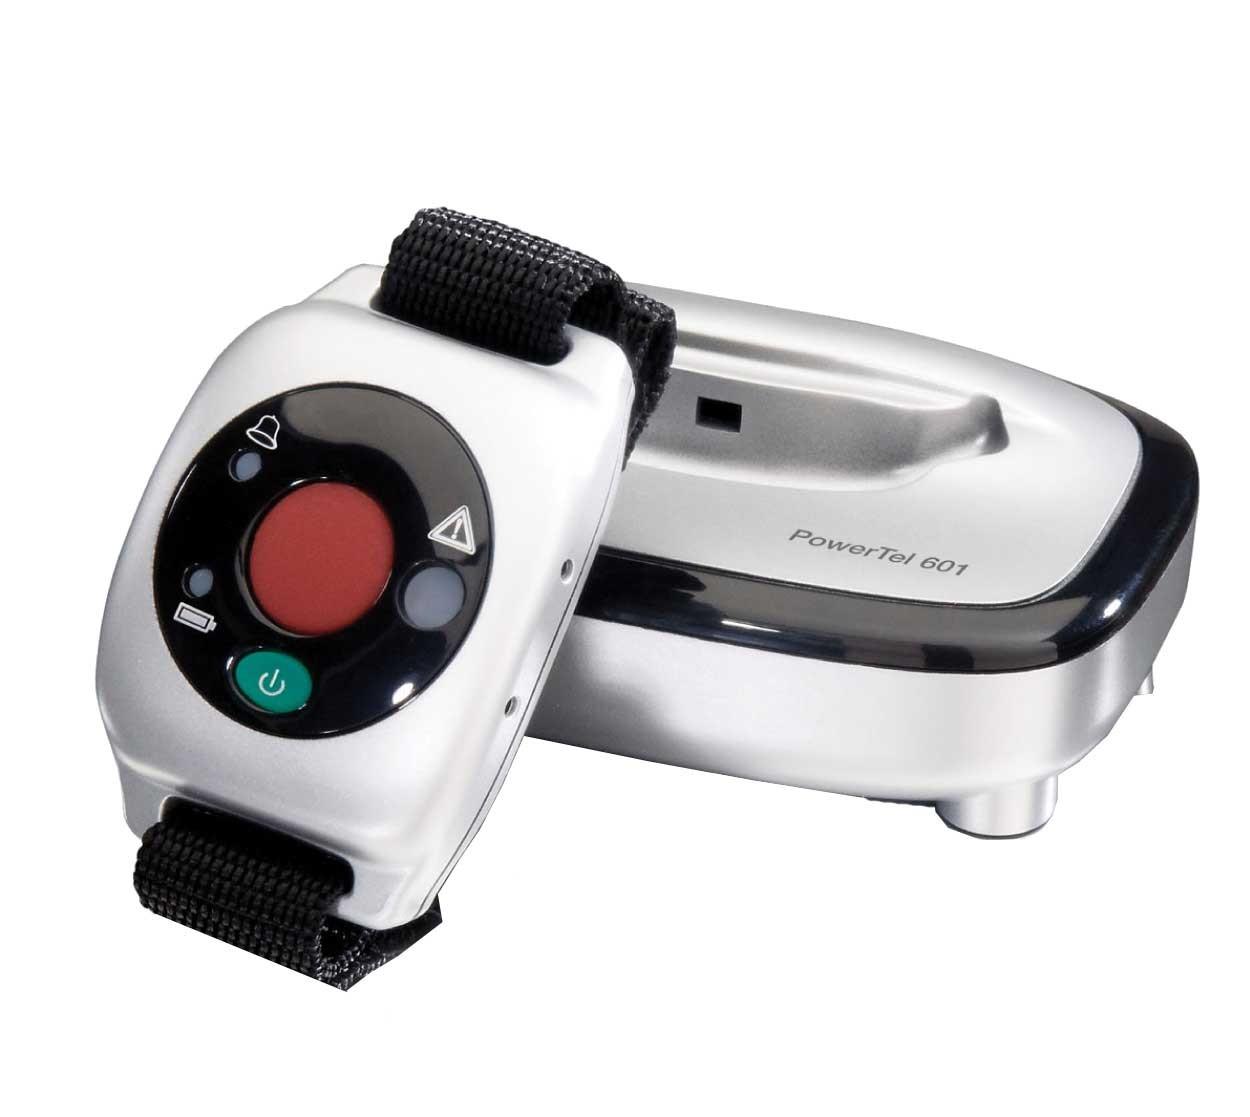 Amplicomms Powertel 601 Wireless Wrist Alarm